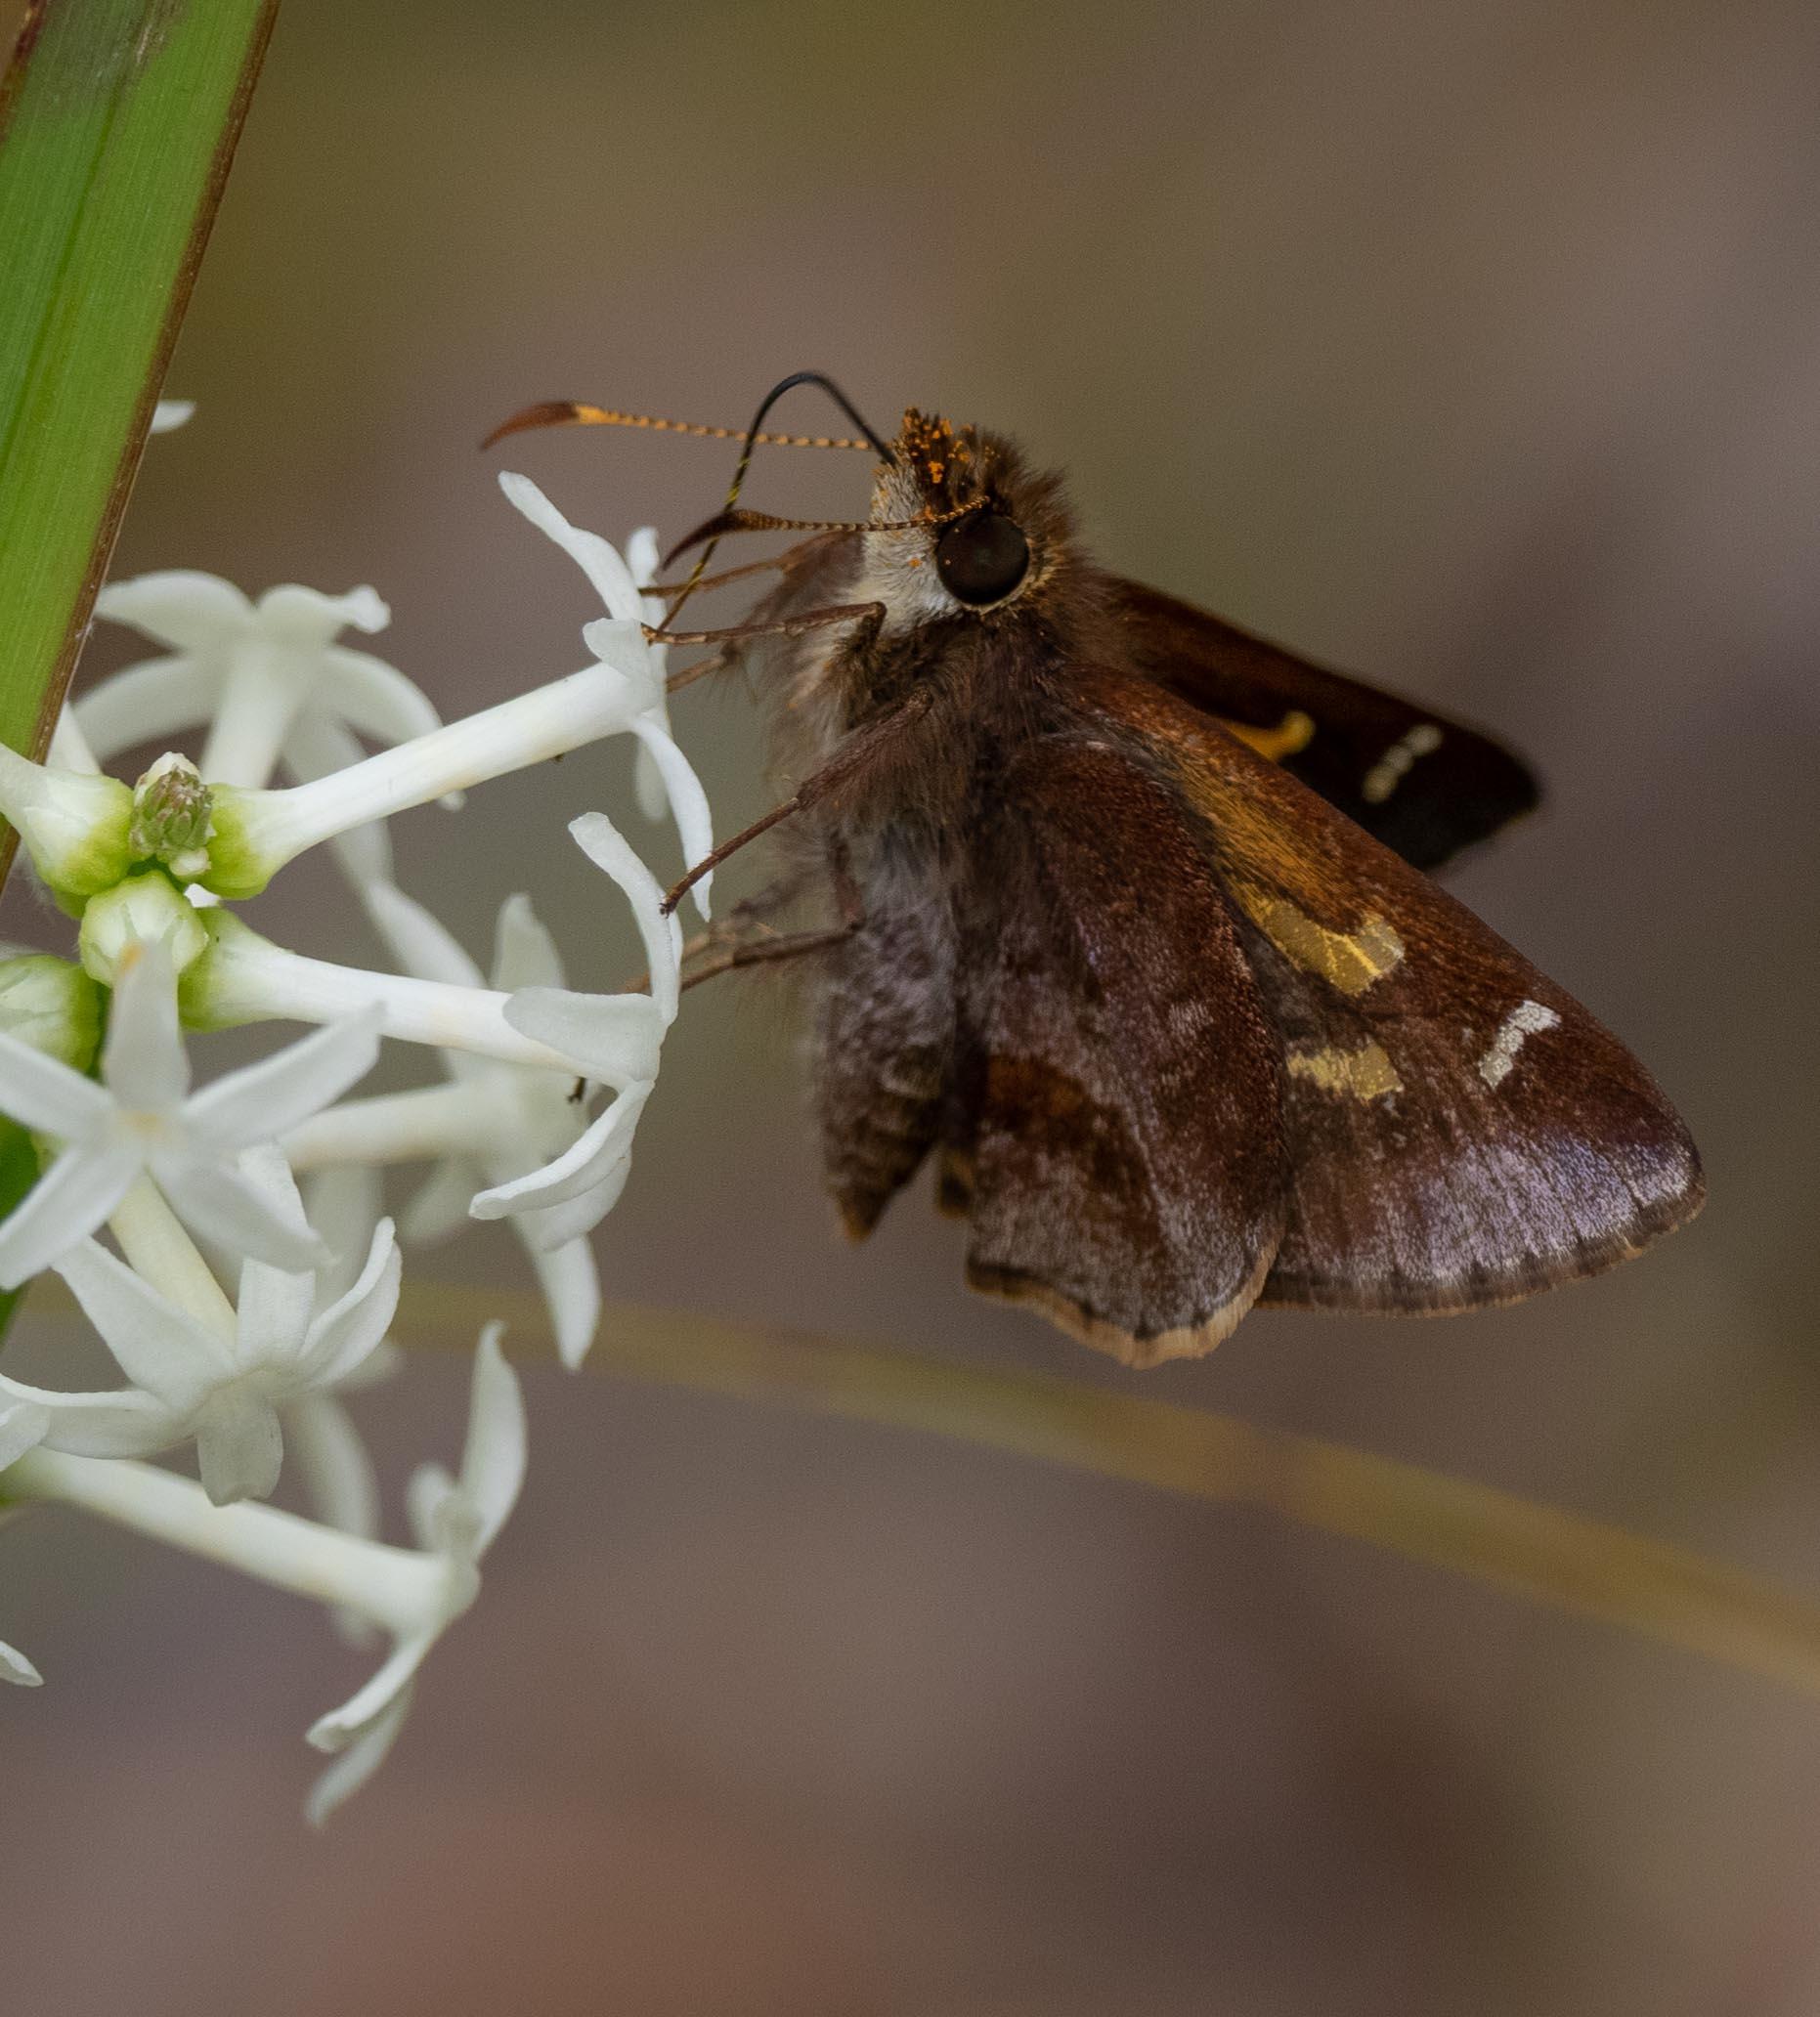 Lilar Grass-skipper butterfly